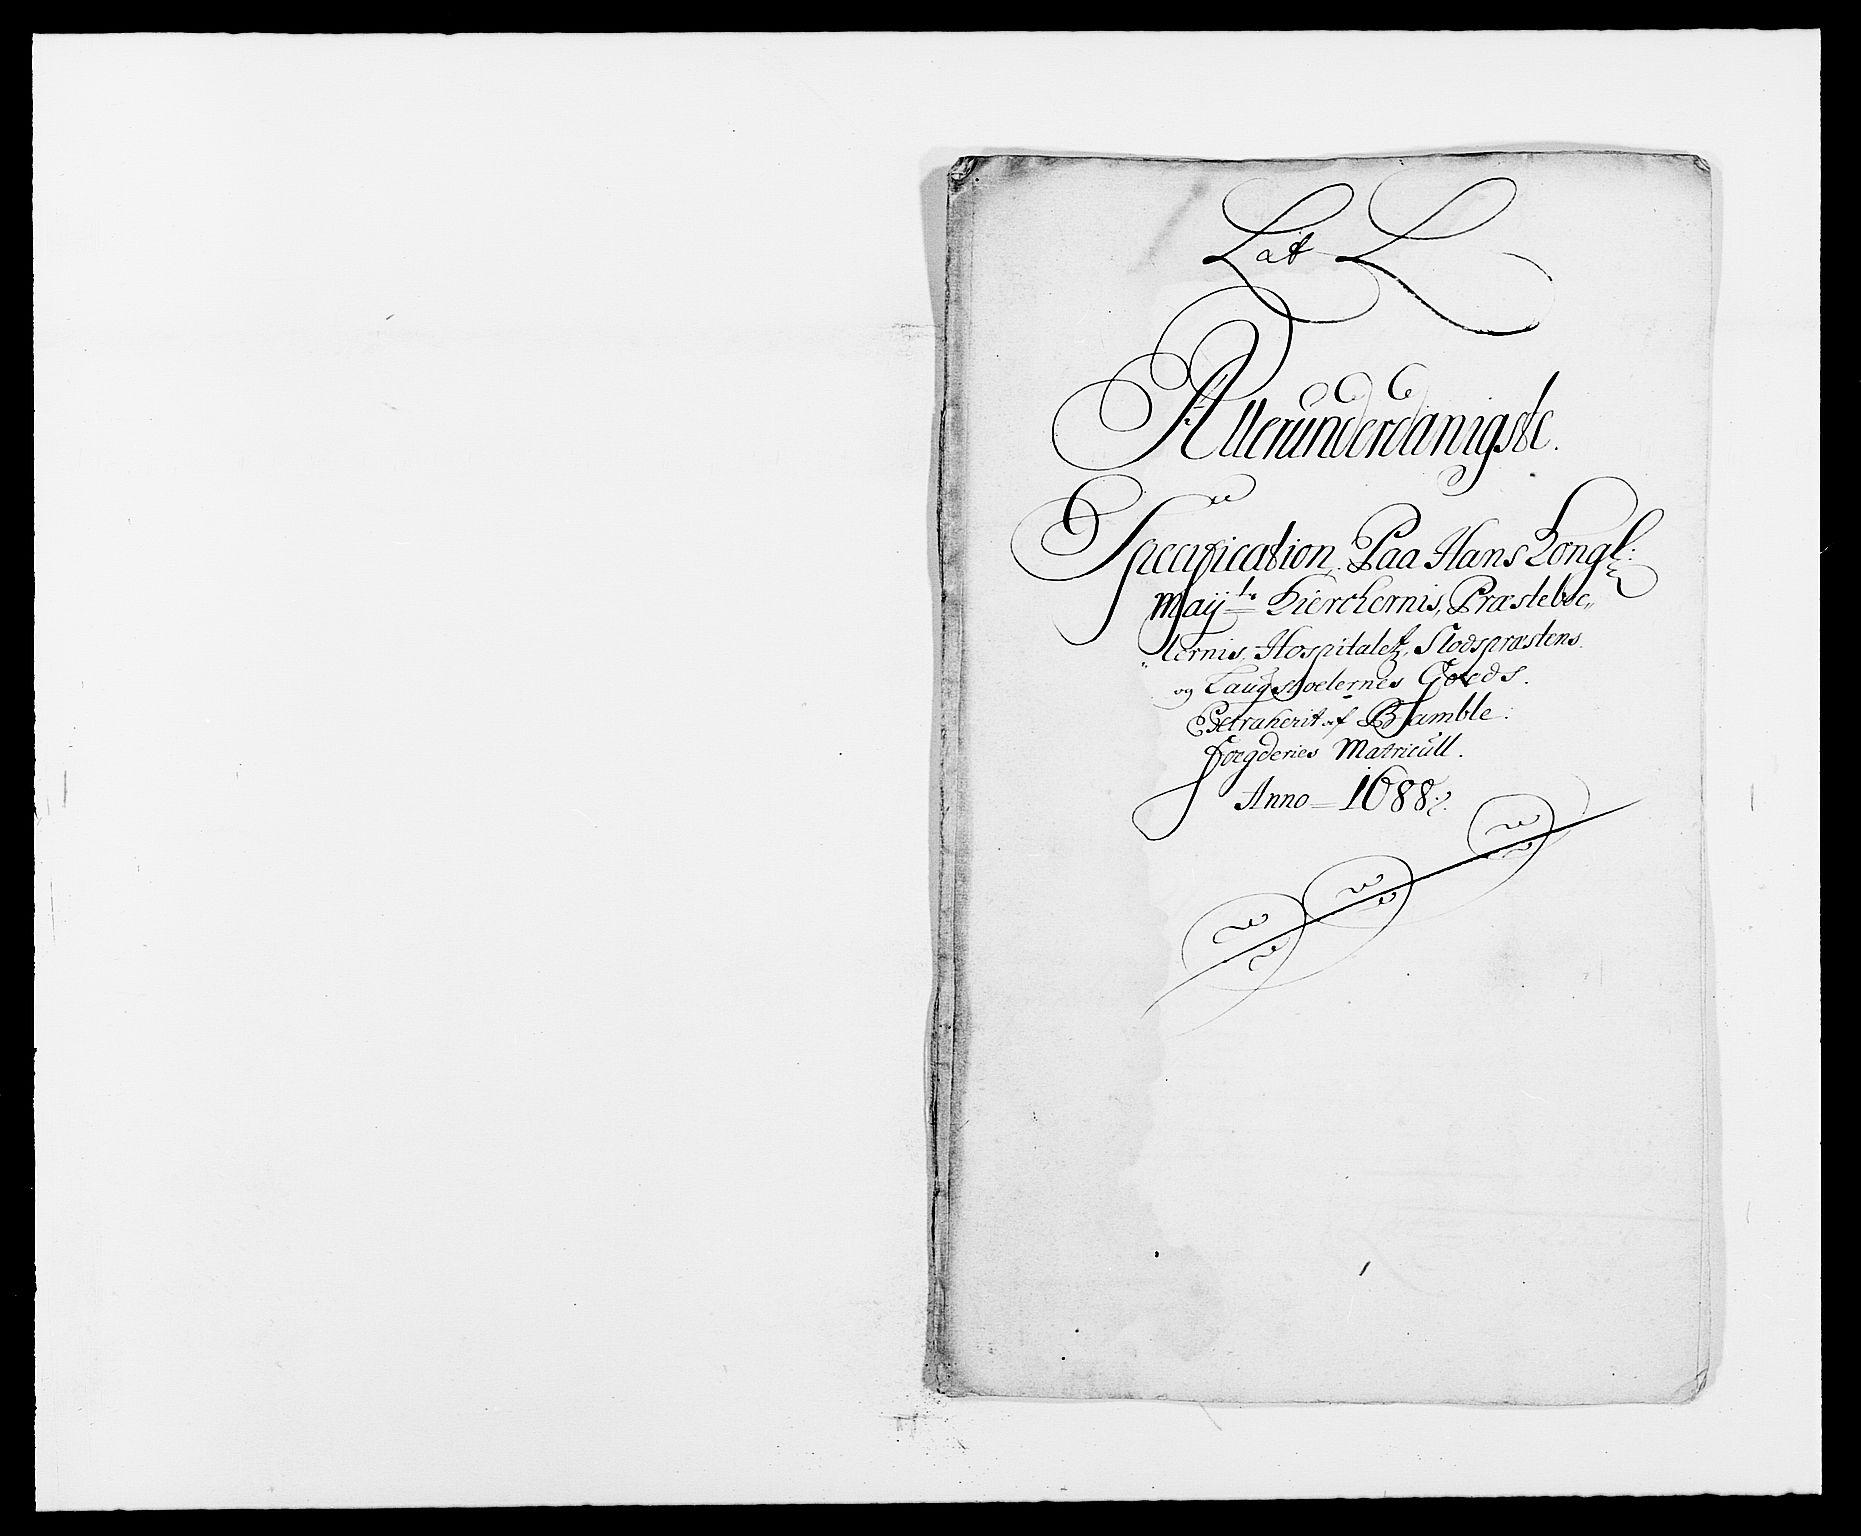 RA, Rentekammeret inntil 1814, Reviderte regnskaper, Fogderegnskap, R34/L2050: Fogderegnskap Bamble, 1688-1691, s. 213